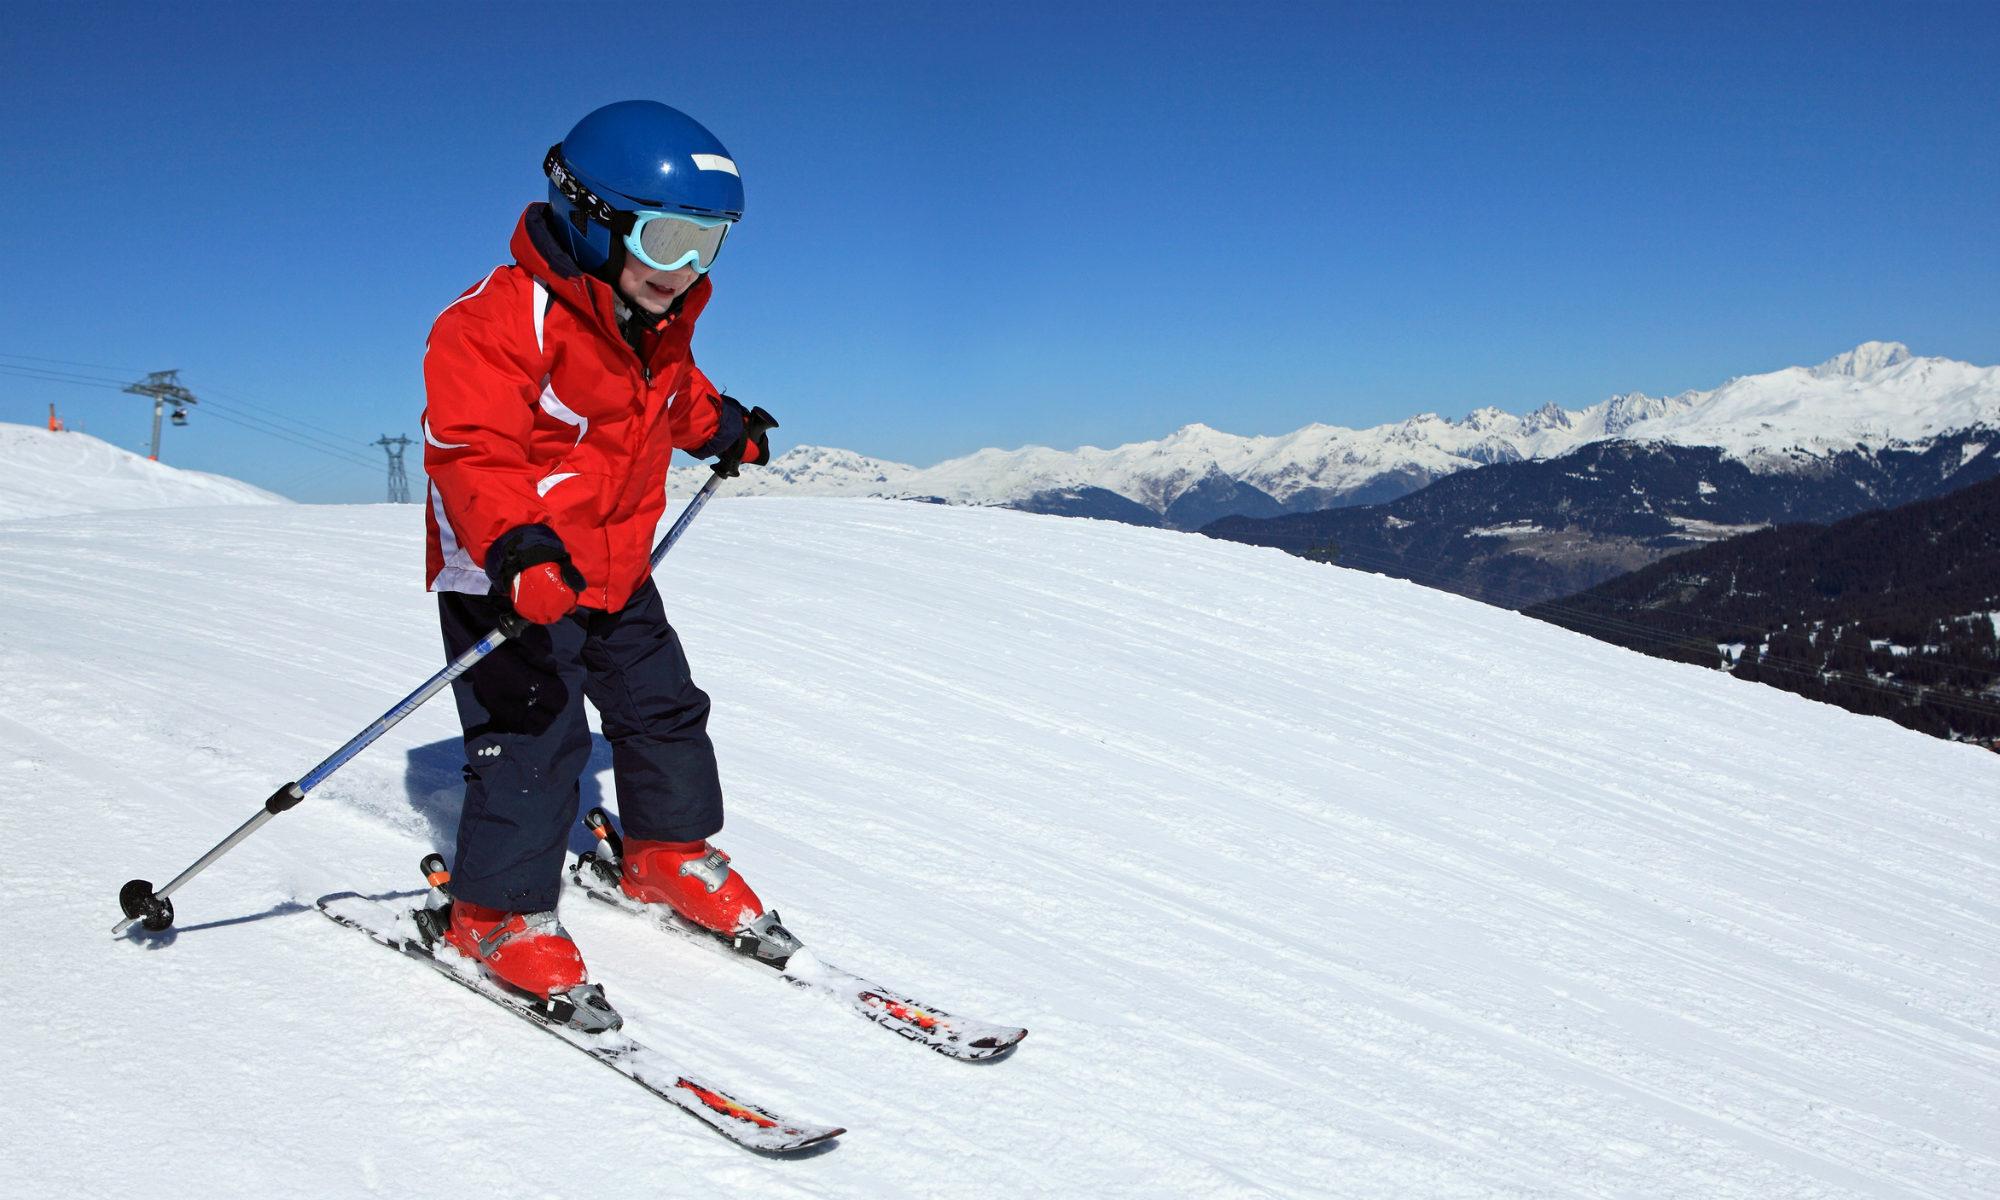 Un enfant skie sur une piste de difficulté moyenne.